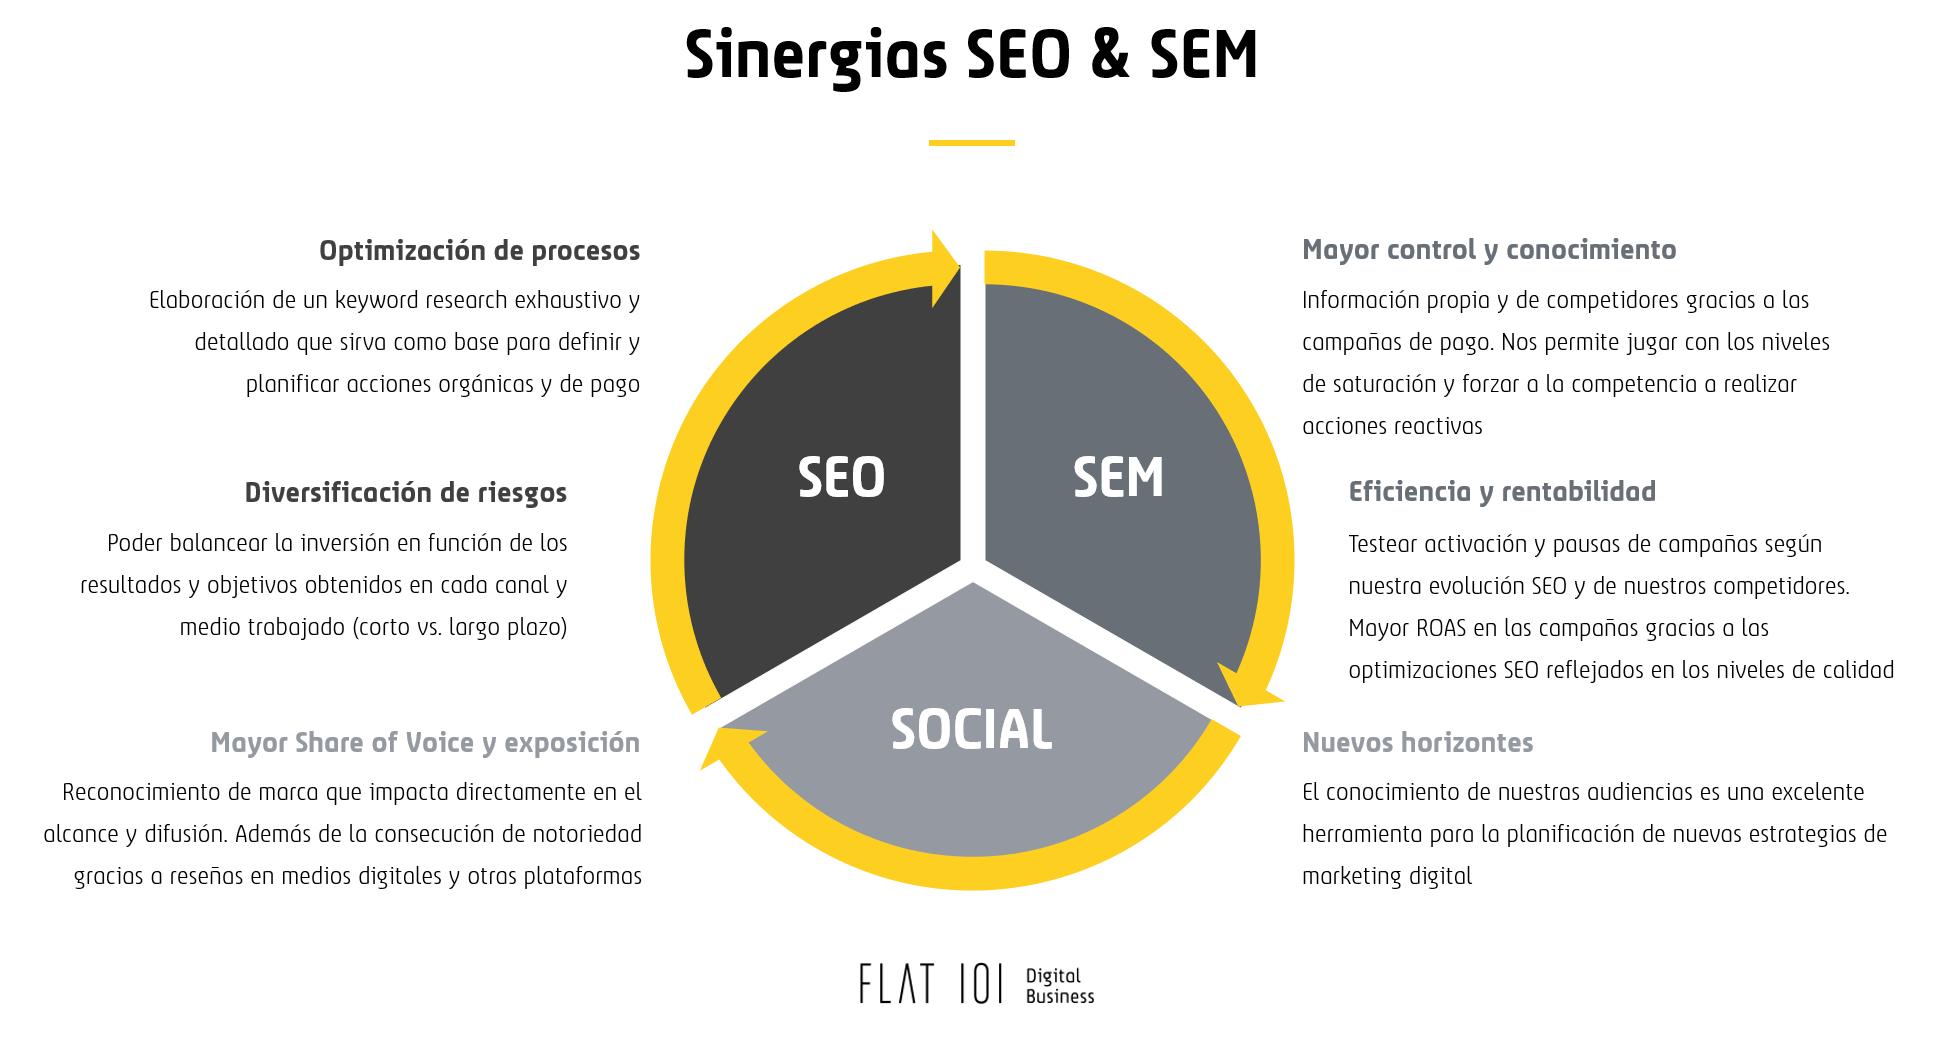 Infografía Sinergias SEO & SEM - Flat 101